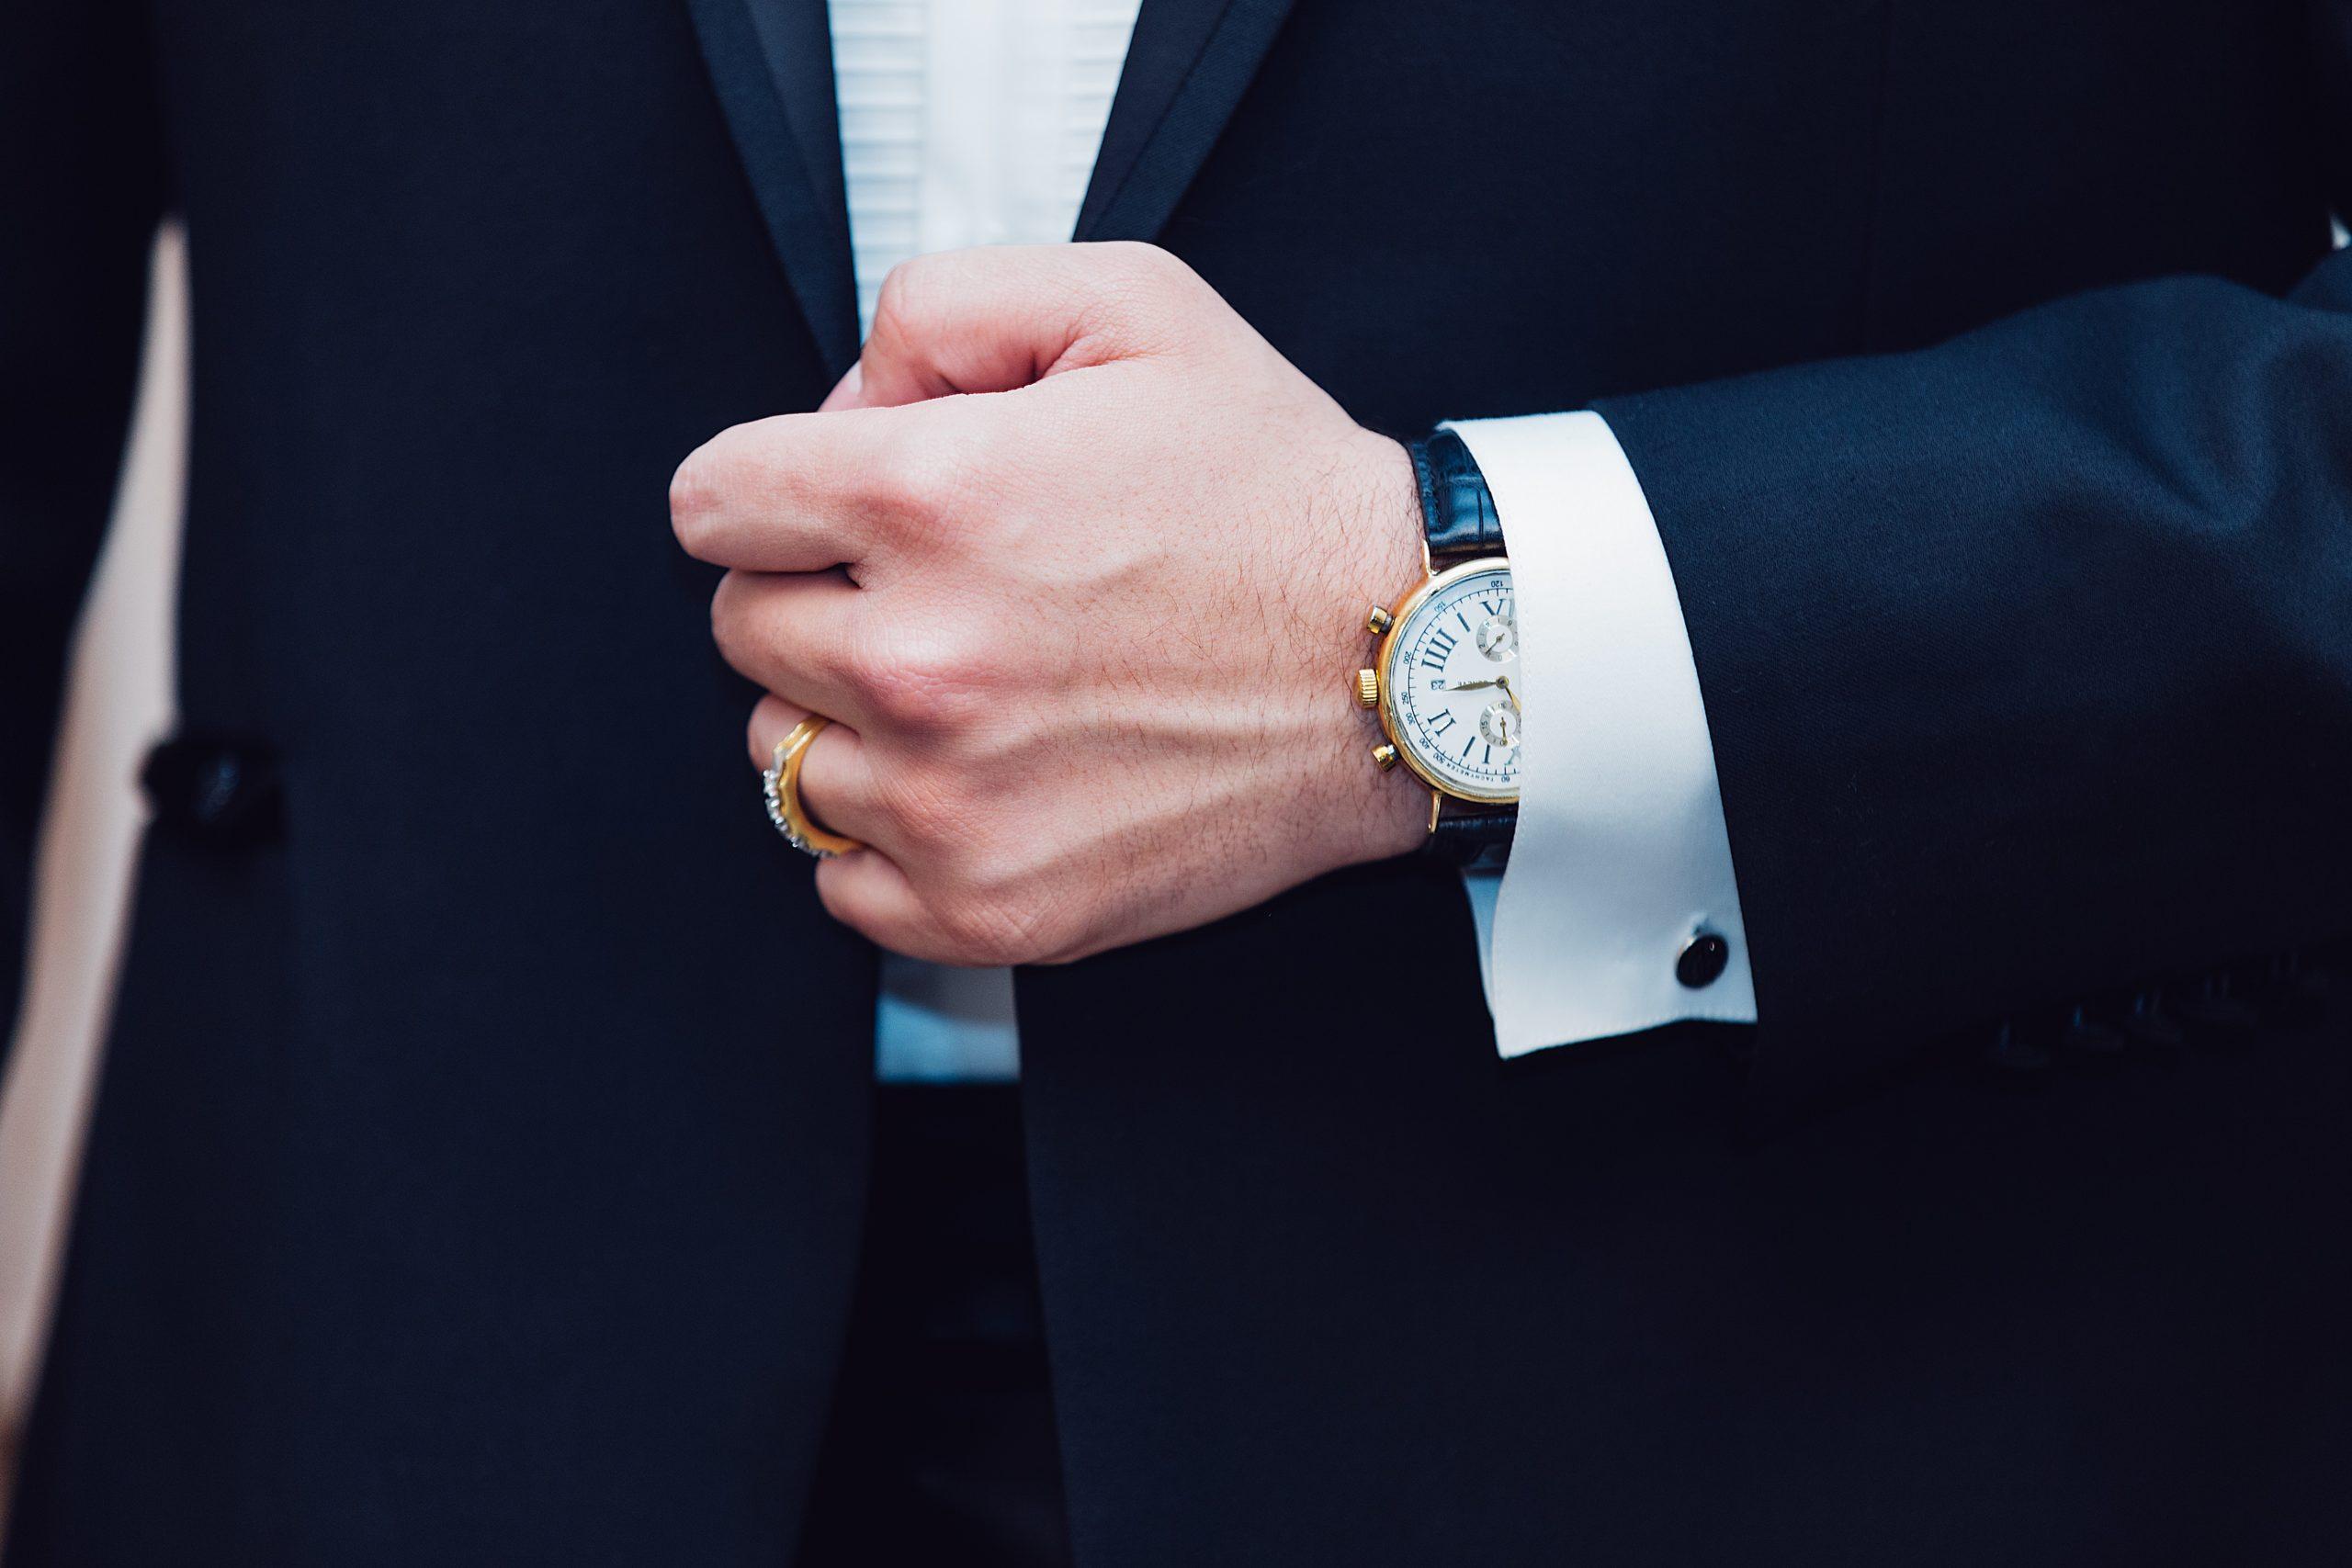 パナソニックの新卒採用の就職難易度